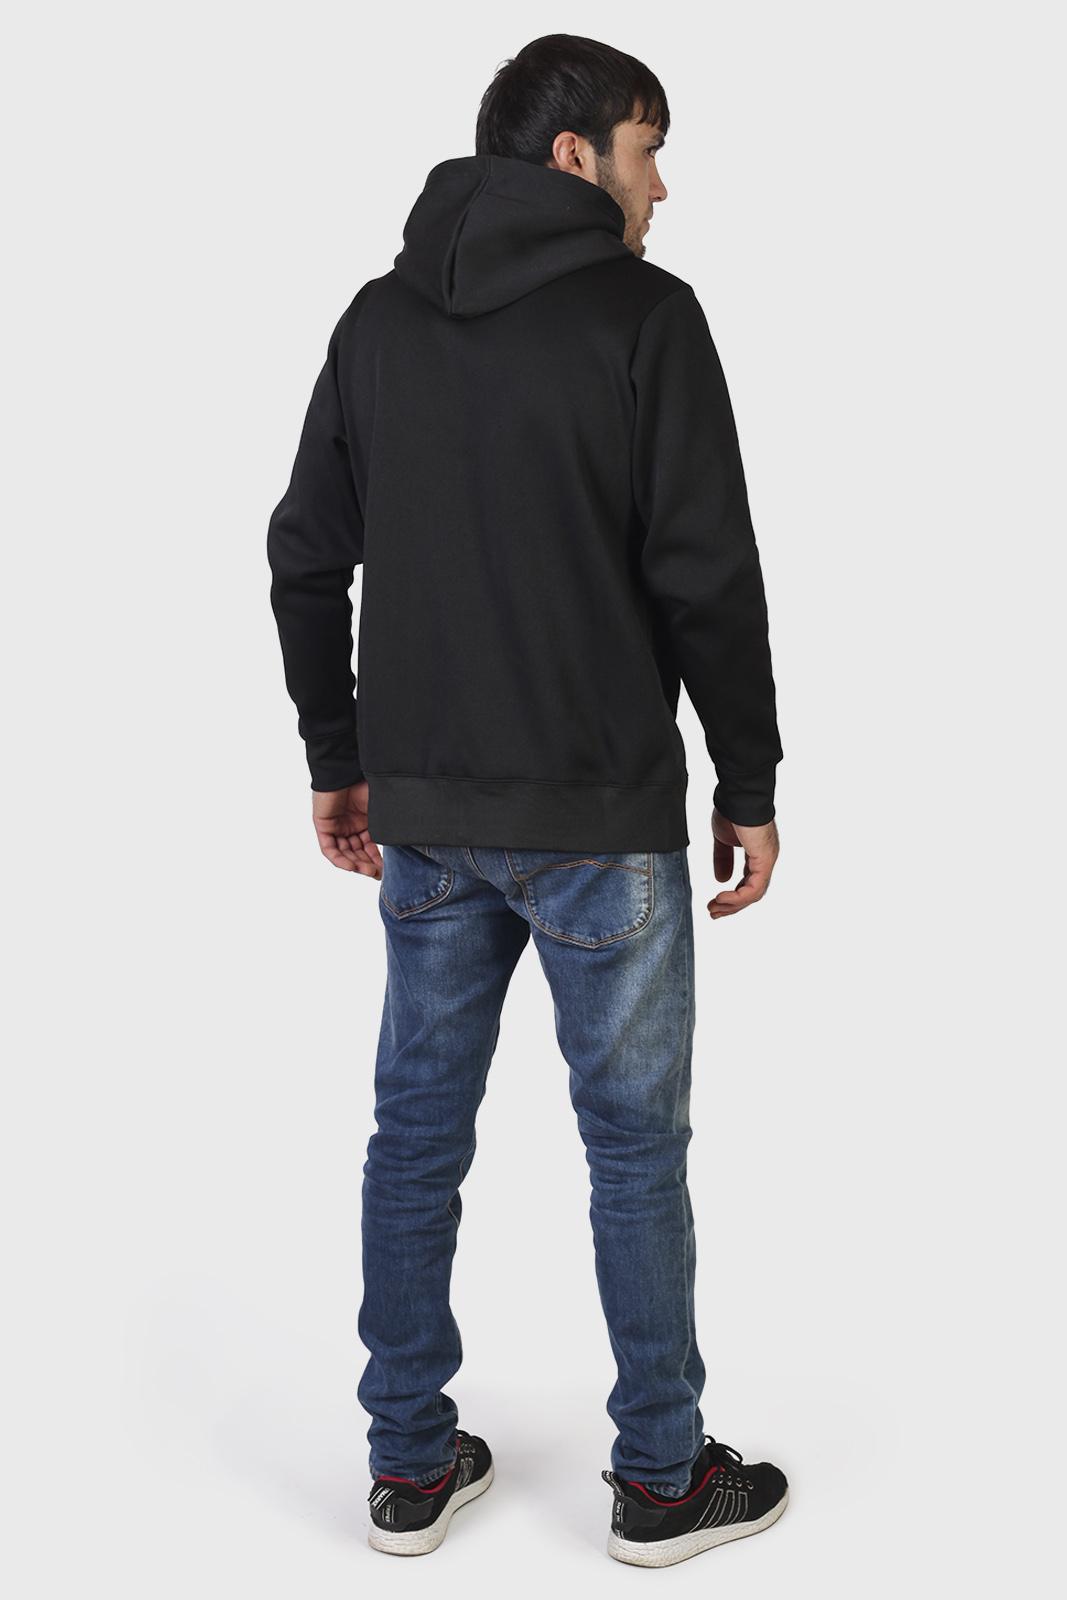 Трендовая черная толстовка с карманами и символикой МВД - купить в подарок